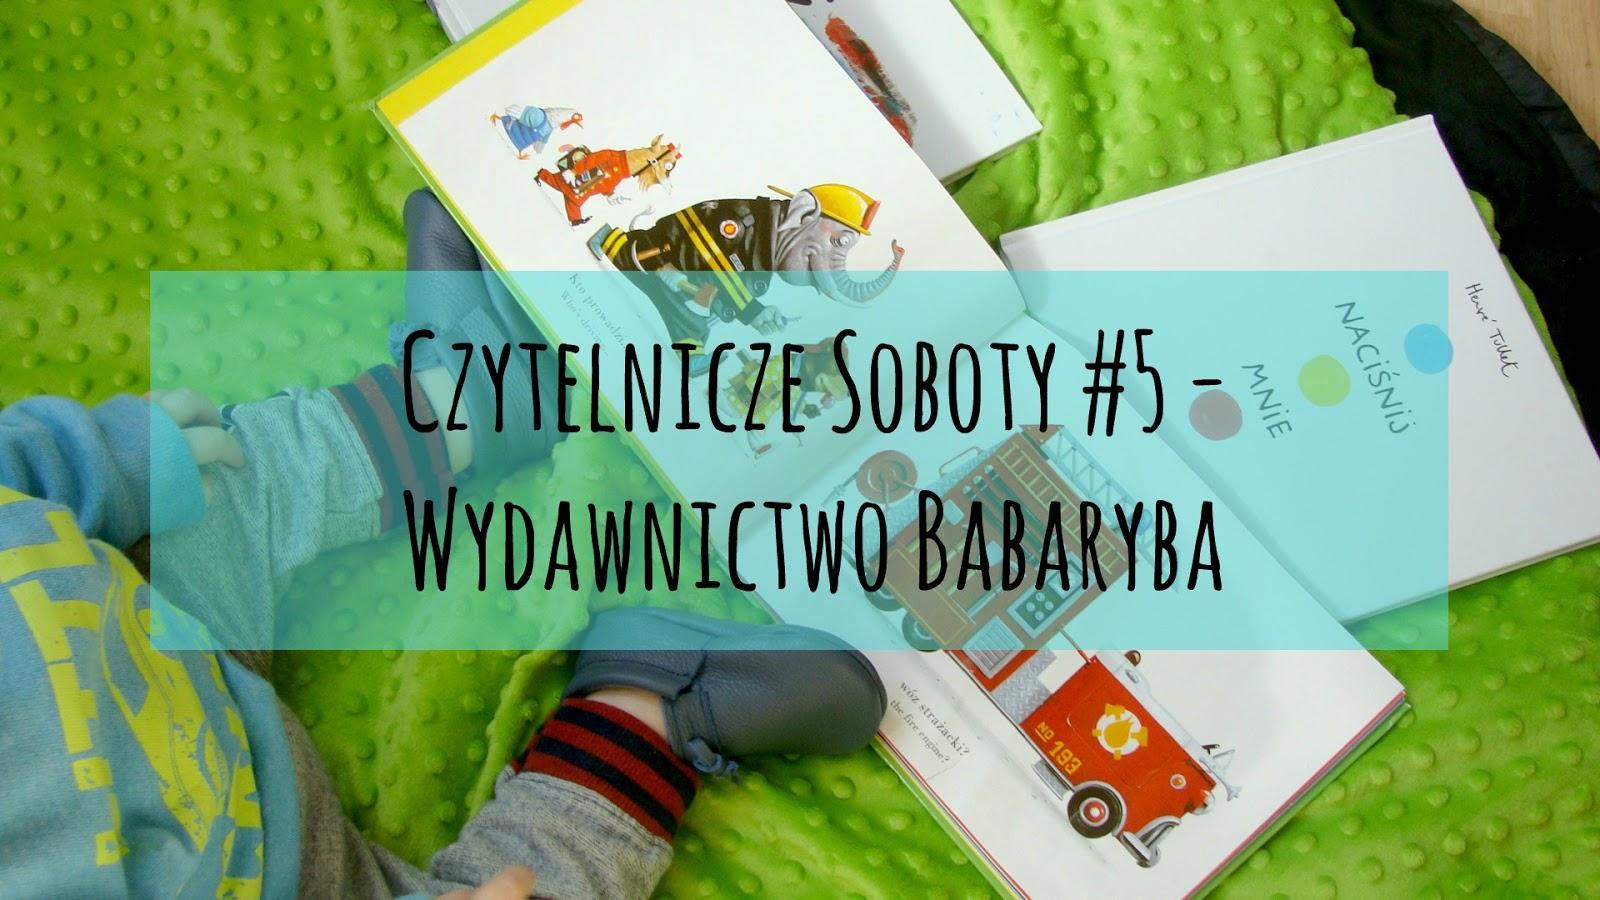 wydawnictwo Babaryba